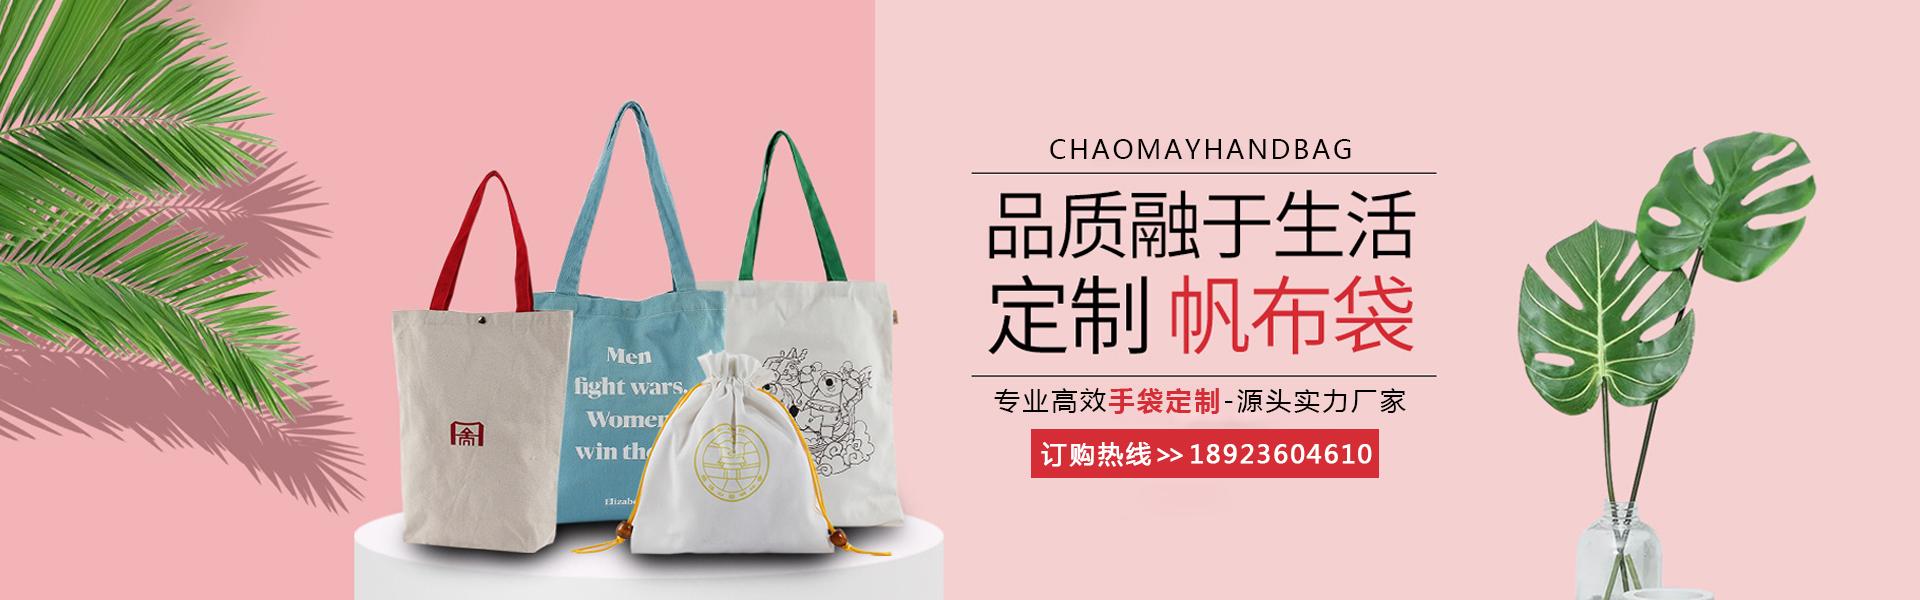 惠州市超美手袋制品bobapp下载安装